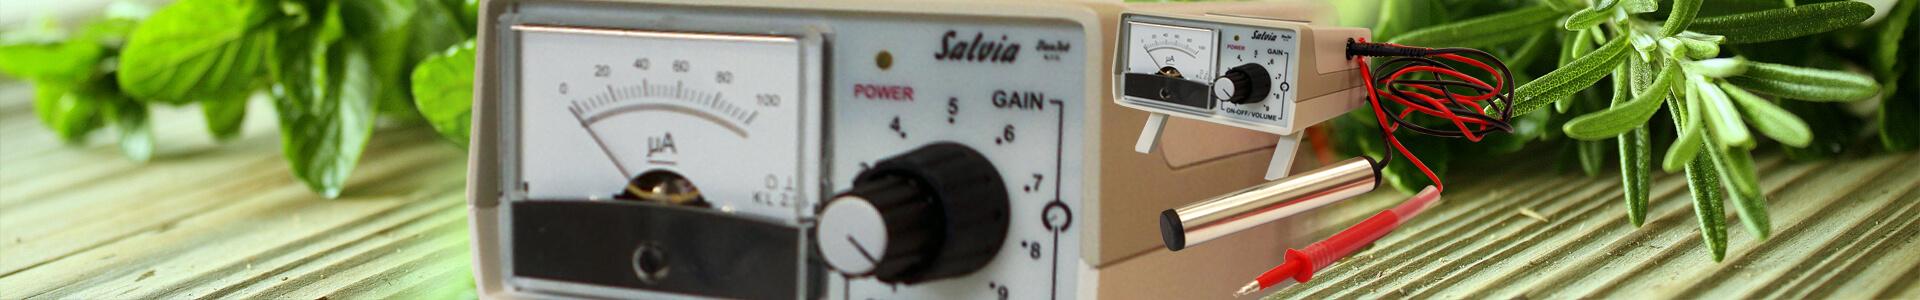 Salvia EAM set